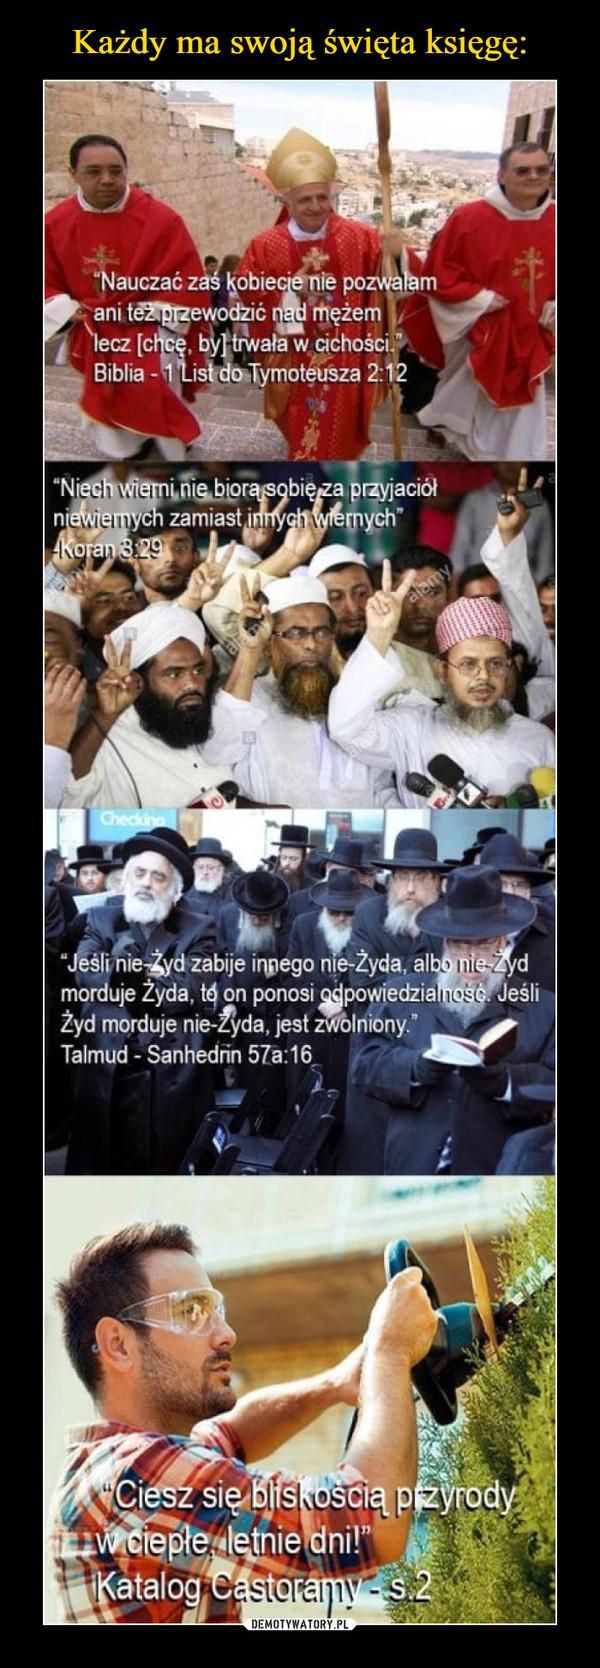 """–  Nauczać zaś kobiecie nie pozwalamani tez przewodzic nad mezžemecz chce, by trwała w cichoSCIBiblia -1List do Tymotéusza 2:12aciółych""""NiorchzamiastiJeslinie Zyd zabije inpego nie-Zyda, albo nie-Zydmorduje Zyda, té on ponosi odpowiedzialuose JeśliZyd morduje nie-Zyda, jest zwolniony.""""Talmud Sanhedrin 57a:16Ciesz sie bliskoSCwciepte letnie dni!Katalog"""